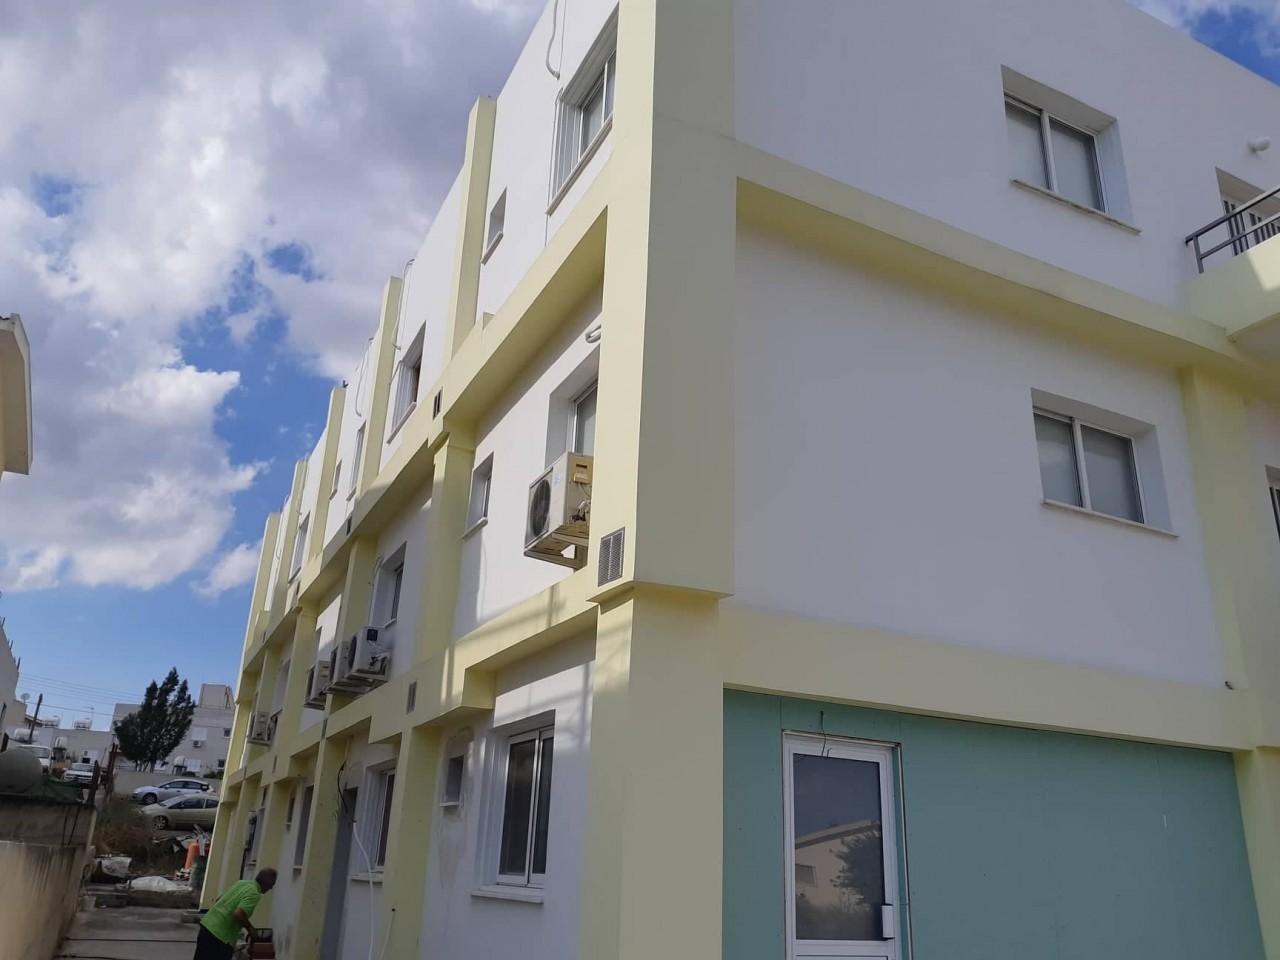 Недвижимость на Продажу: Инвестиции (Жилая недвижимость), Аглантсиа, Никосия   Key Realtor Кипр